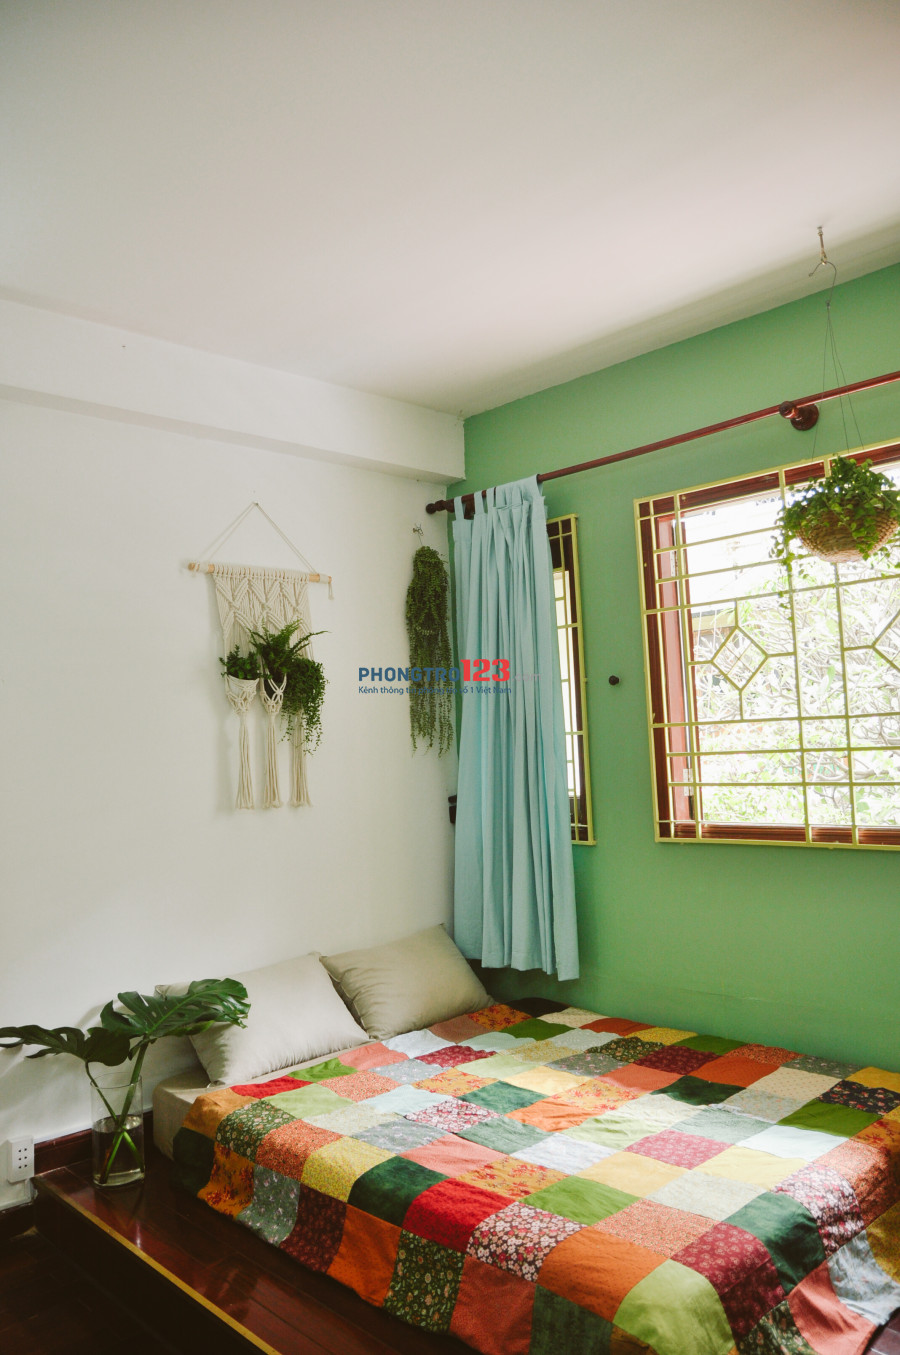 Phòng đầy đủ tiện nghi Nguyễn Trãi, Q.1 (y hệt hình)